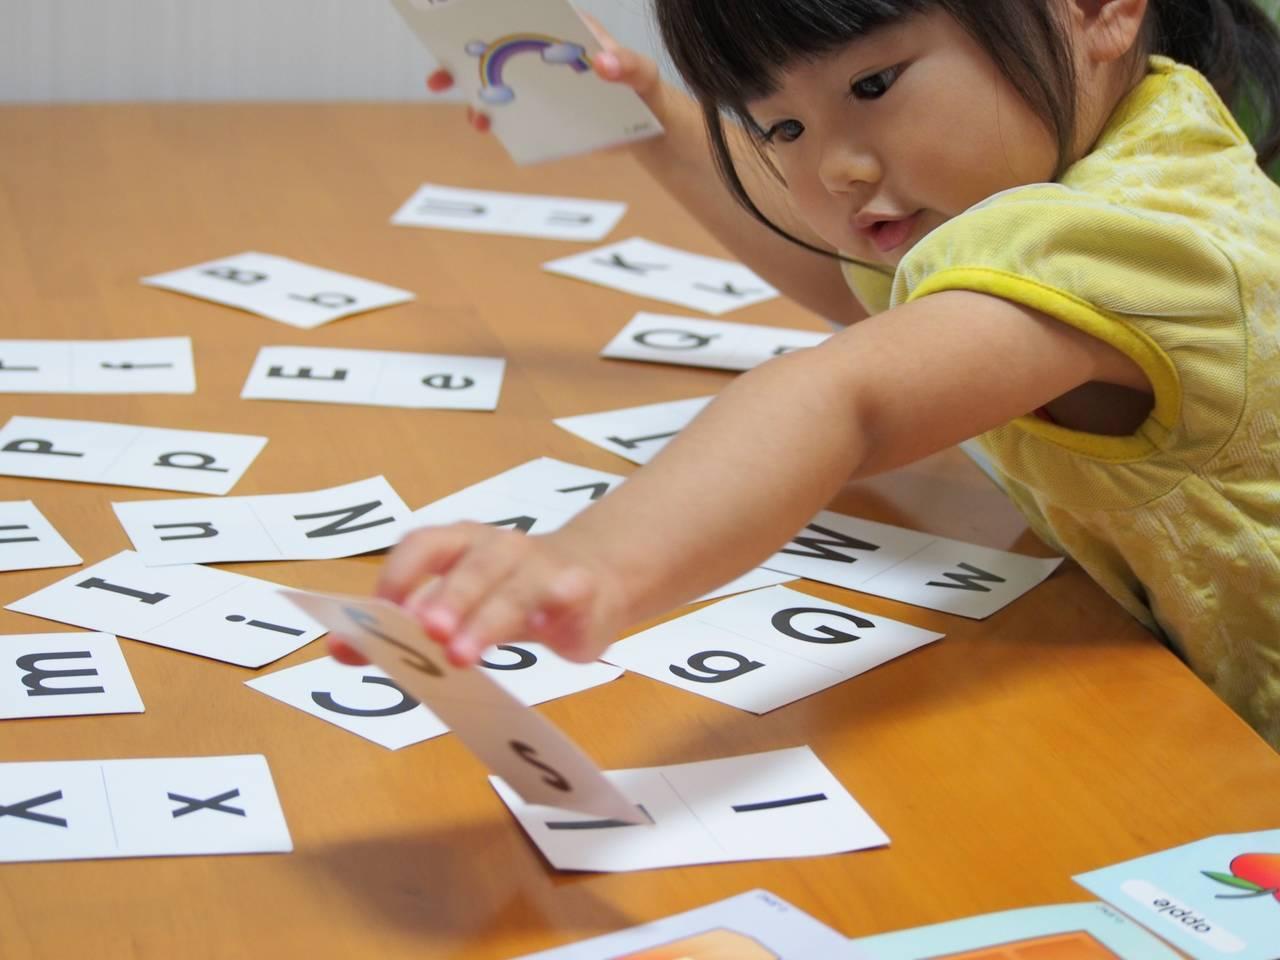 英会話初心者のパパ・ママ必見!子供英会話を学ばせるコツとは?